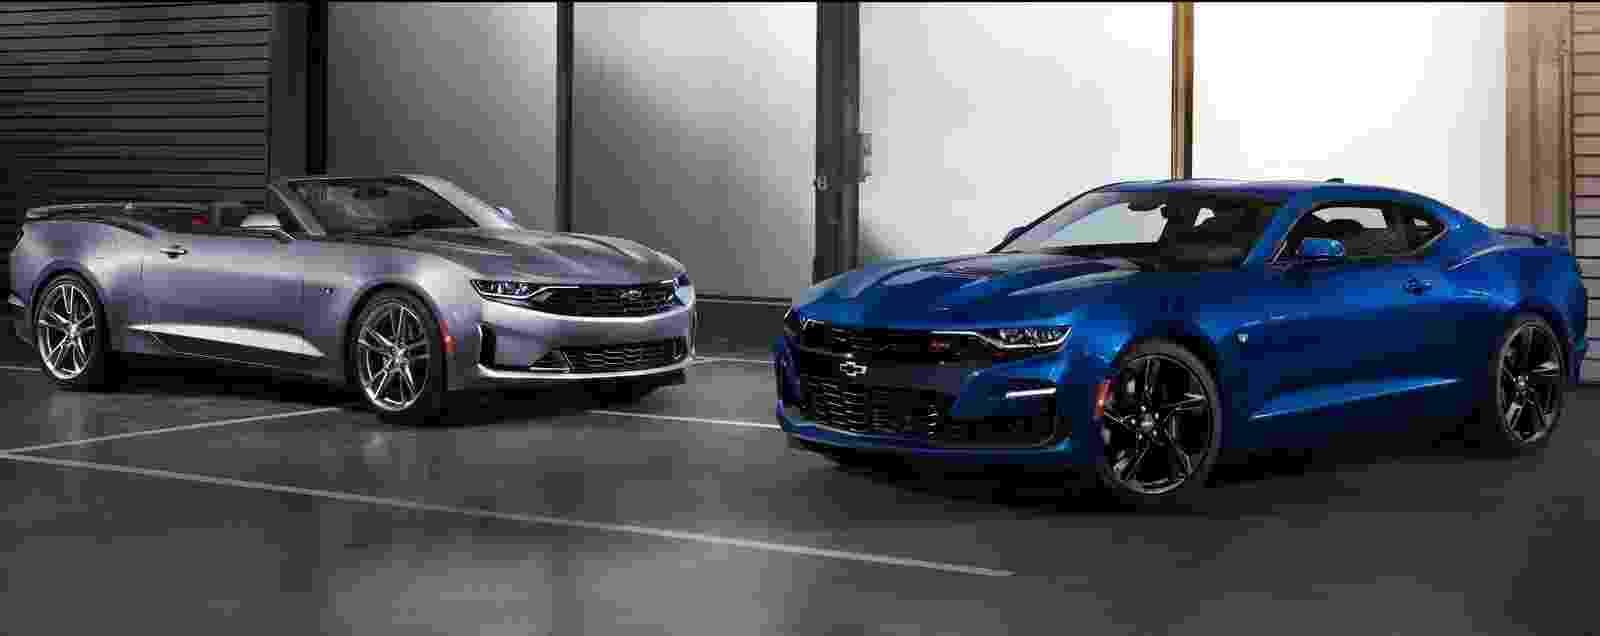 Chevrolet Camaro 2019 - Divulgação